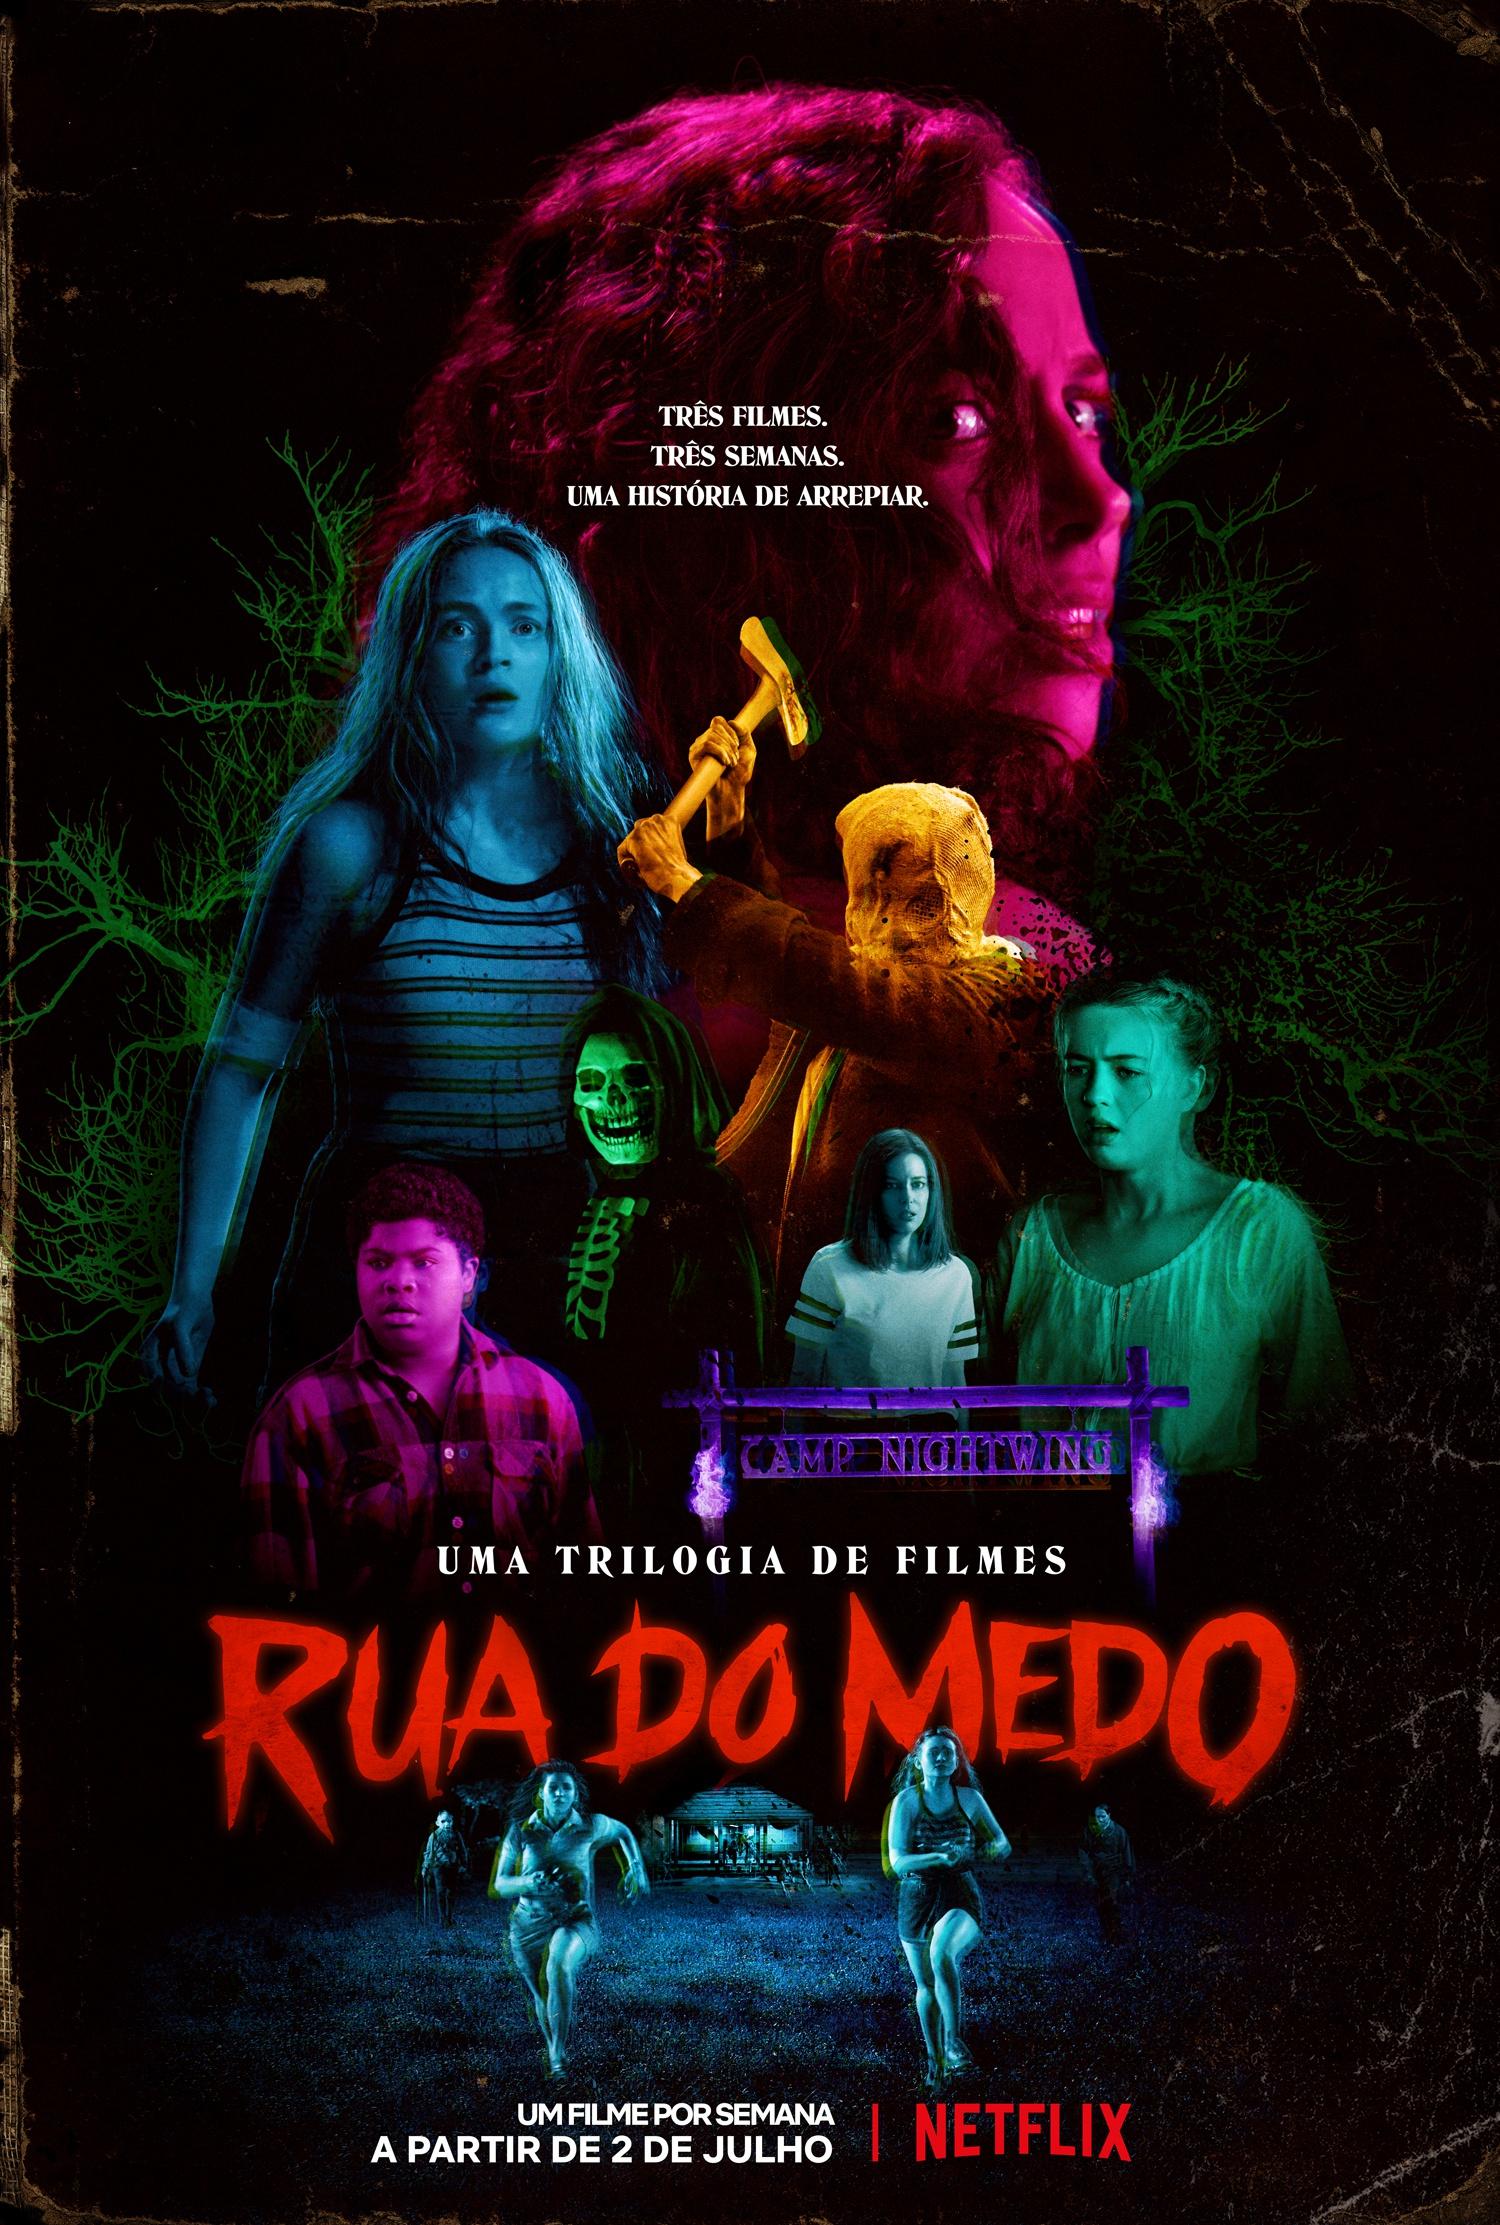 Conheça a trilogia Rua do Medo da Netflix, inspirada nos livros de RL Stine